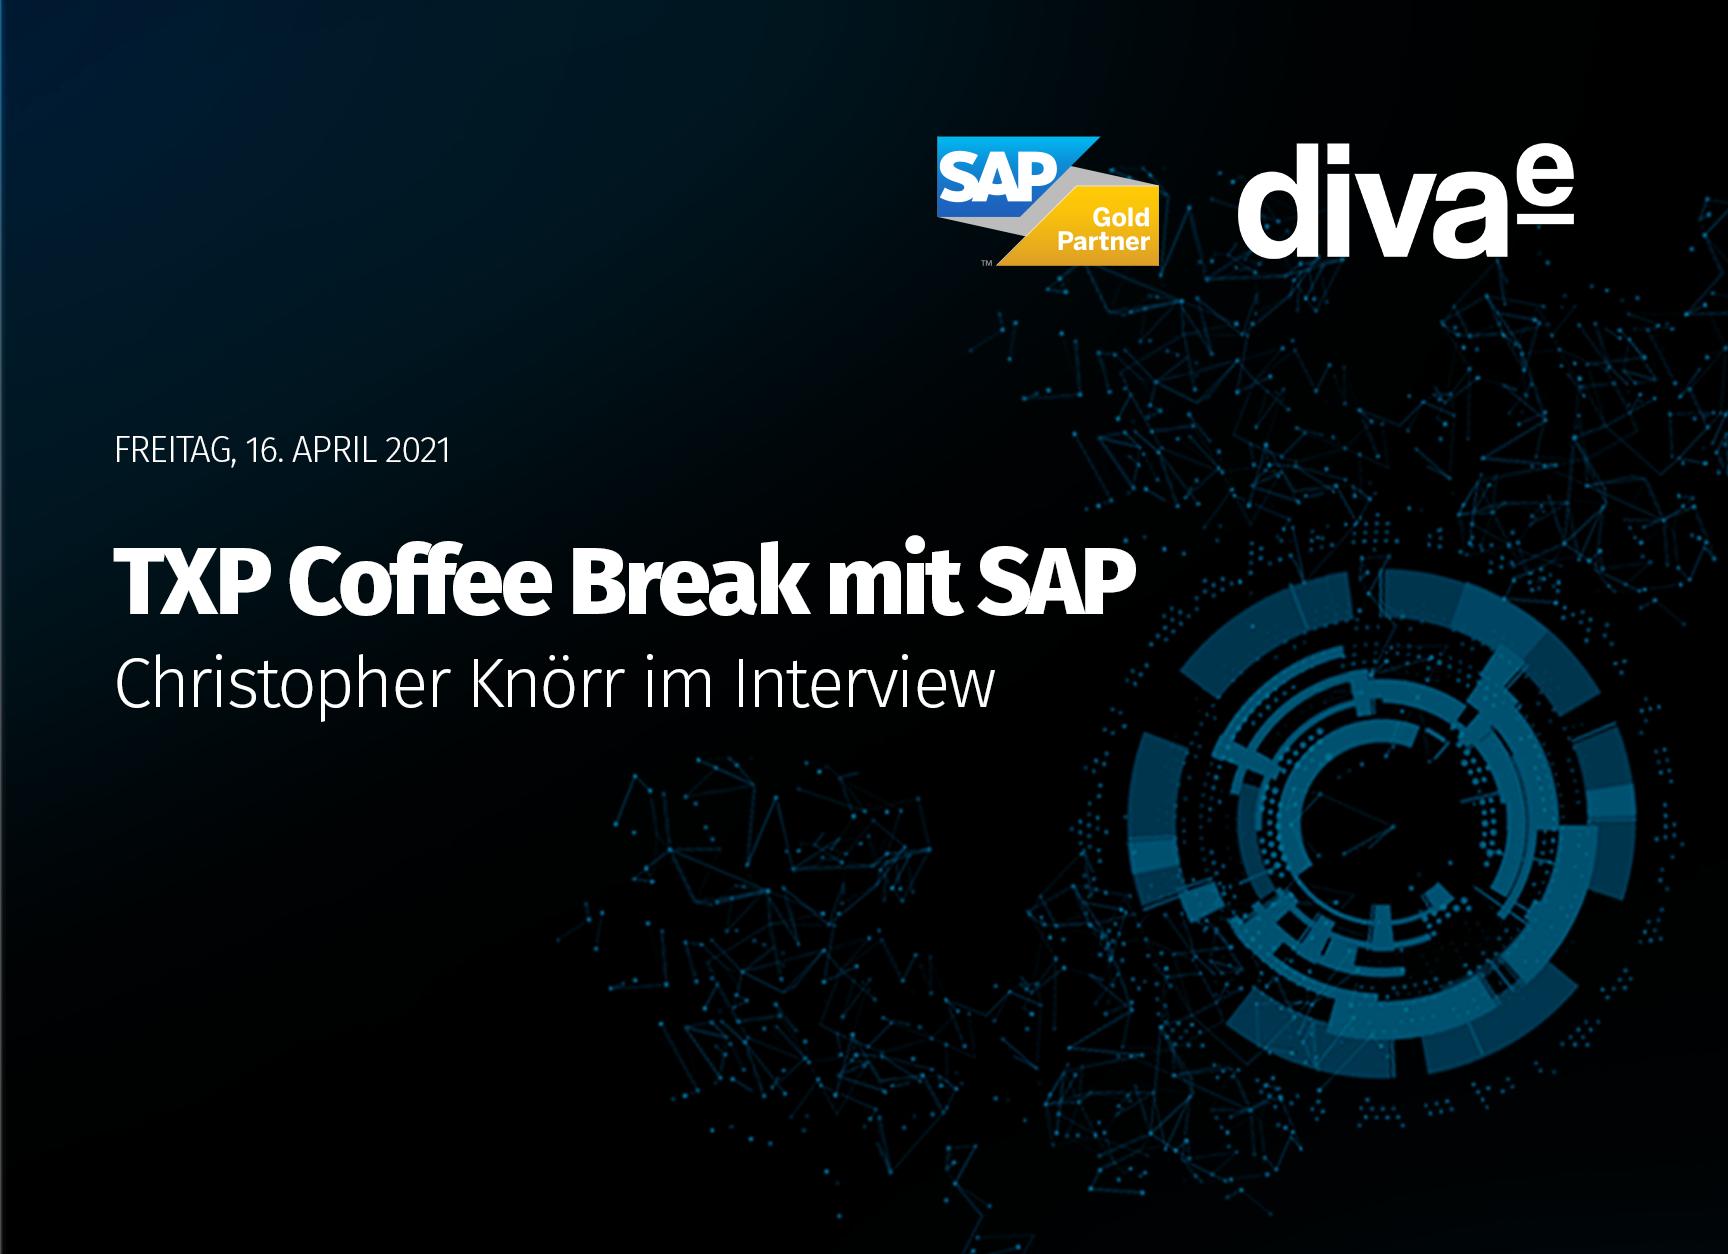 diva-e TXP Coffee Break mit SAP